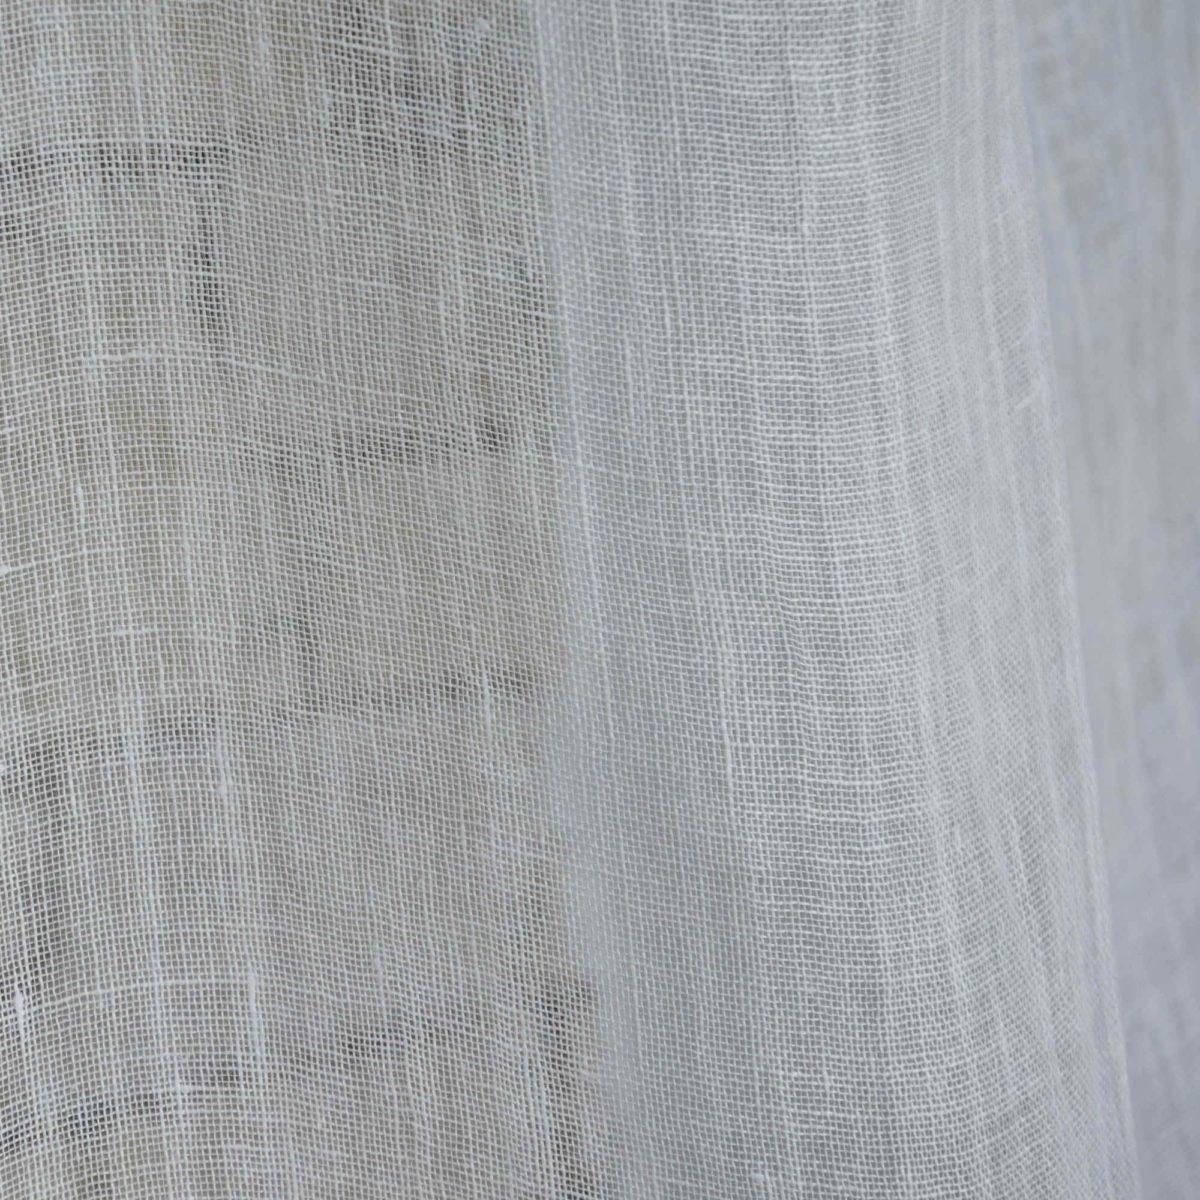 rideau voilage mod le gaze de lin fine ivoire le monde de rose. Black Bedroom Furniture Sets. Home Design Ideas